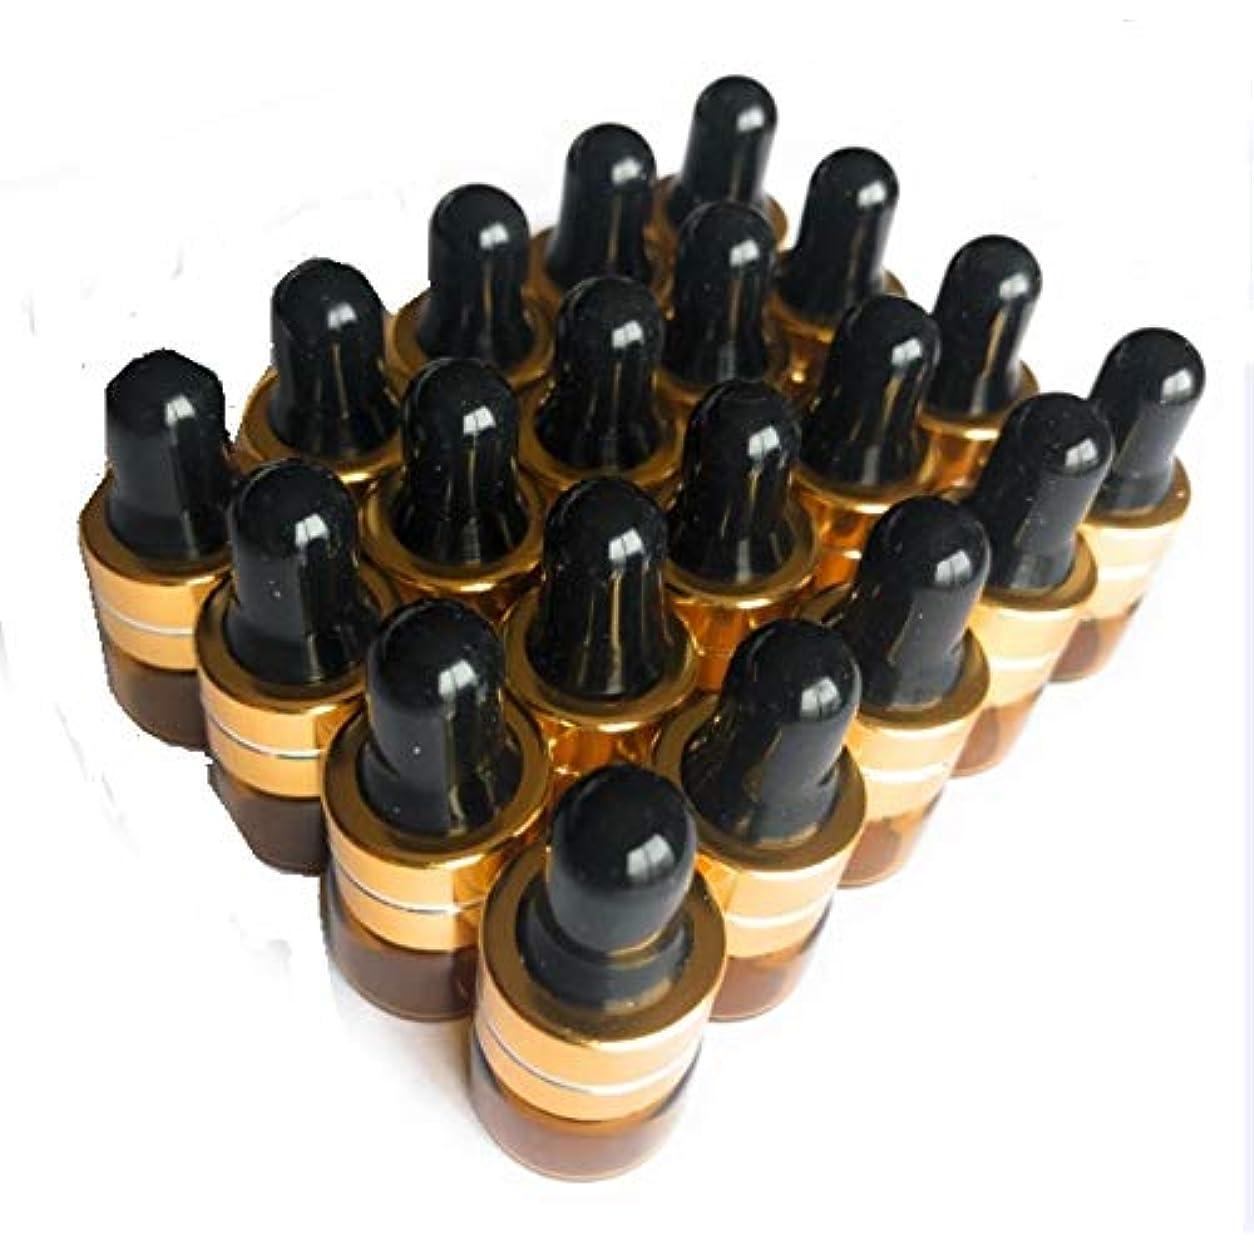 予測子技術的な美徳its 遮光瓶 アロマオイル 精油 小分け用 ガラス製 保存容器 茶色 (20本 セット 2ml)